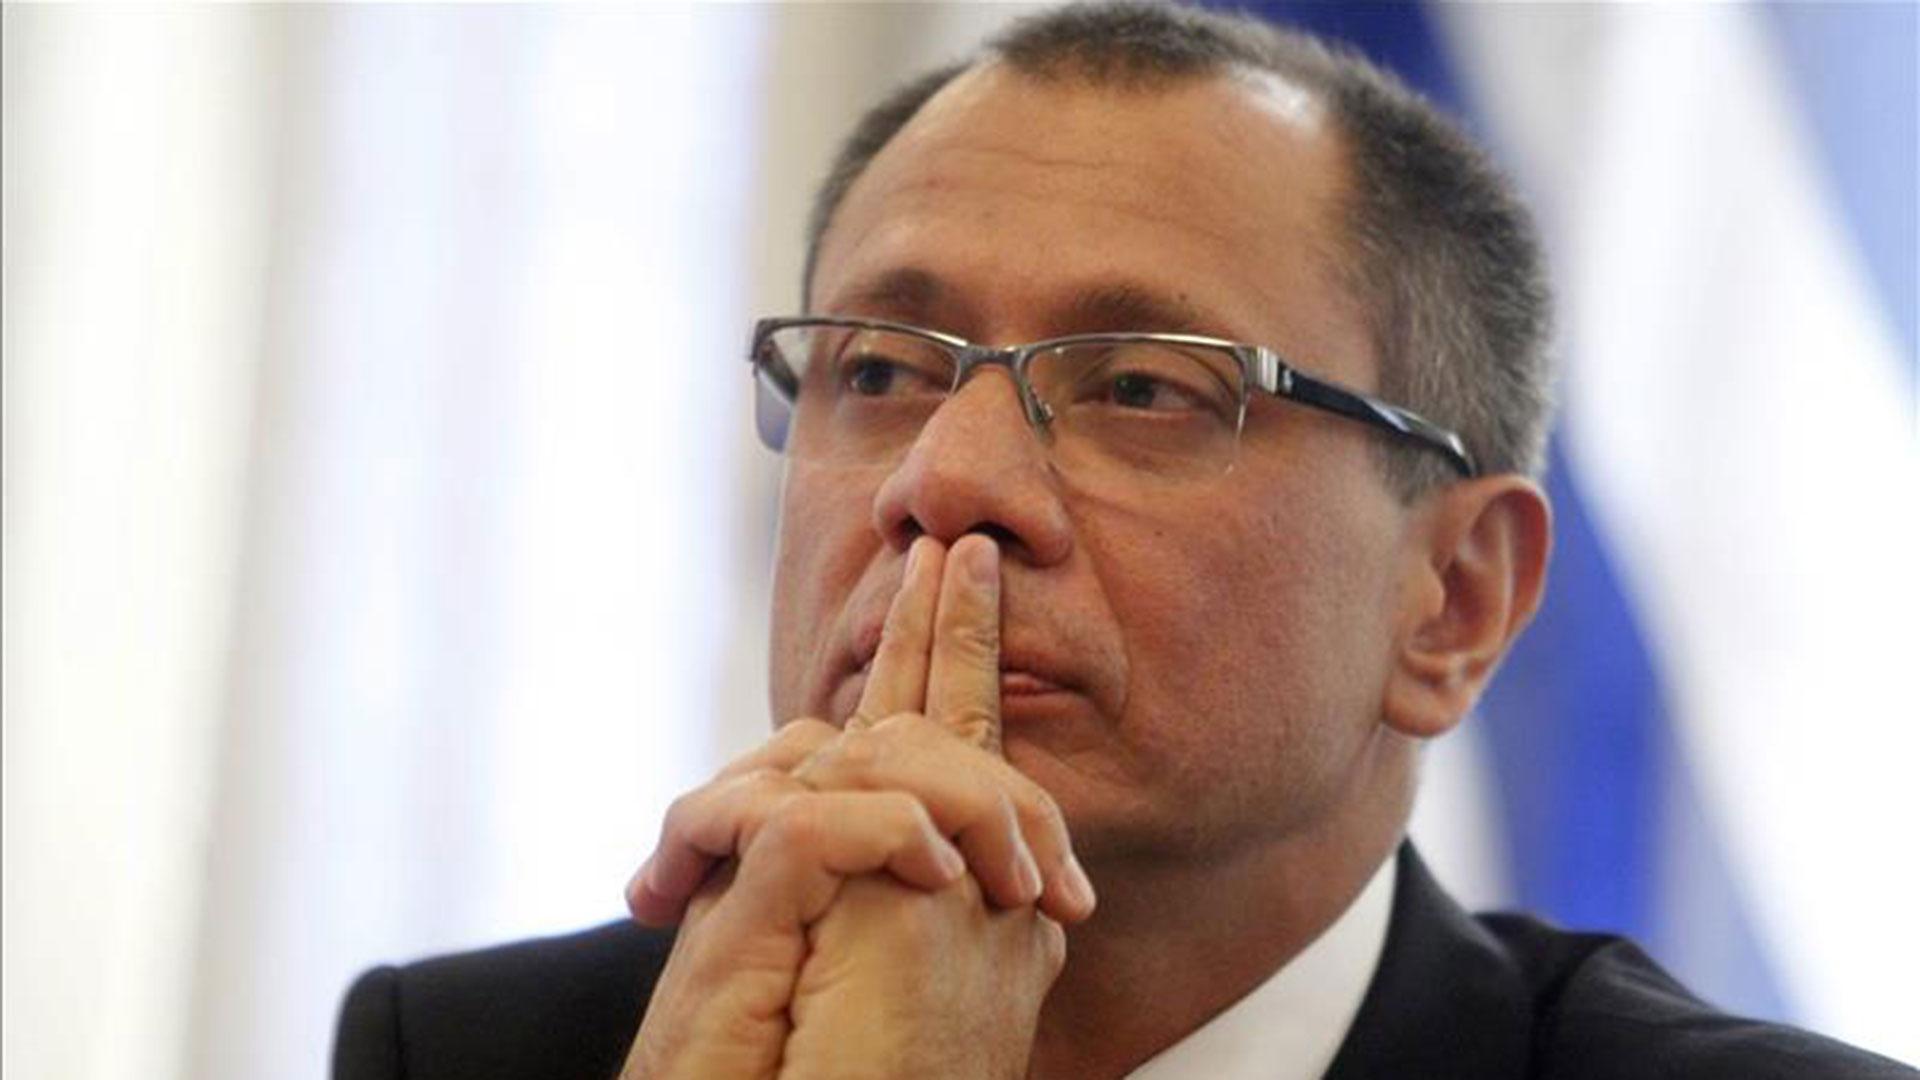 El vice presidente de Ecuador Jorge Glas